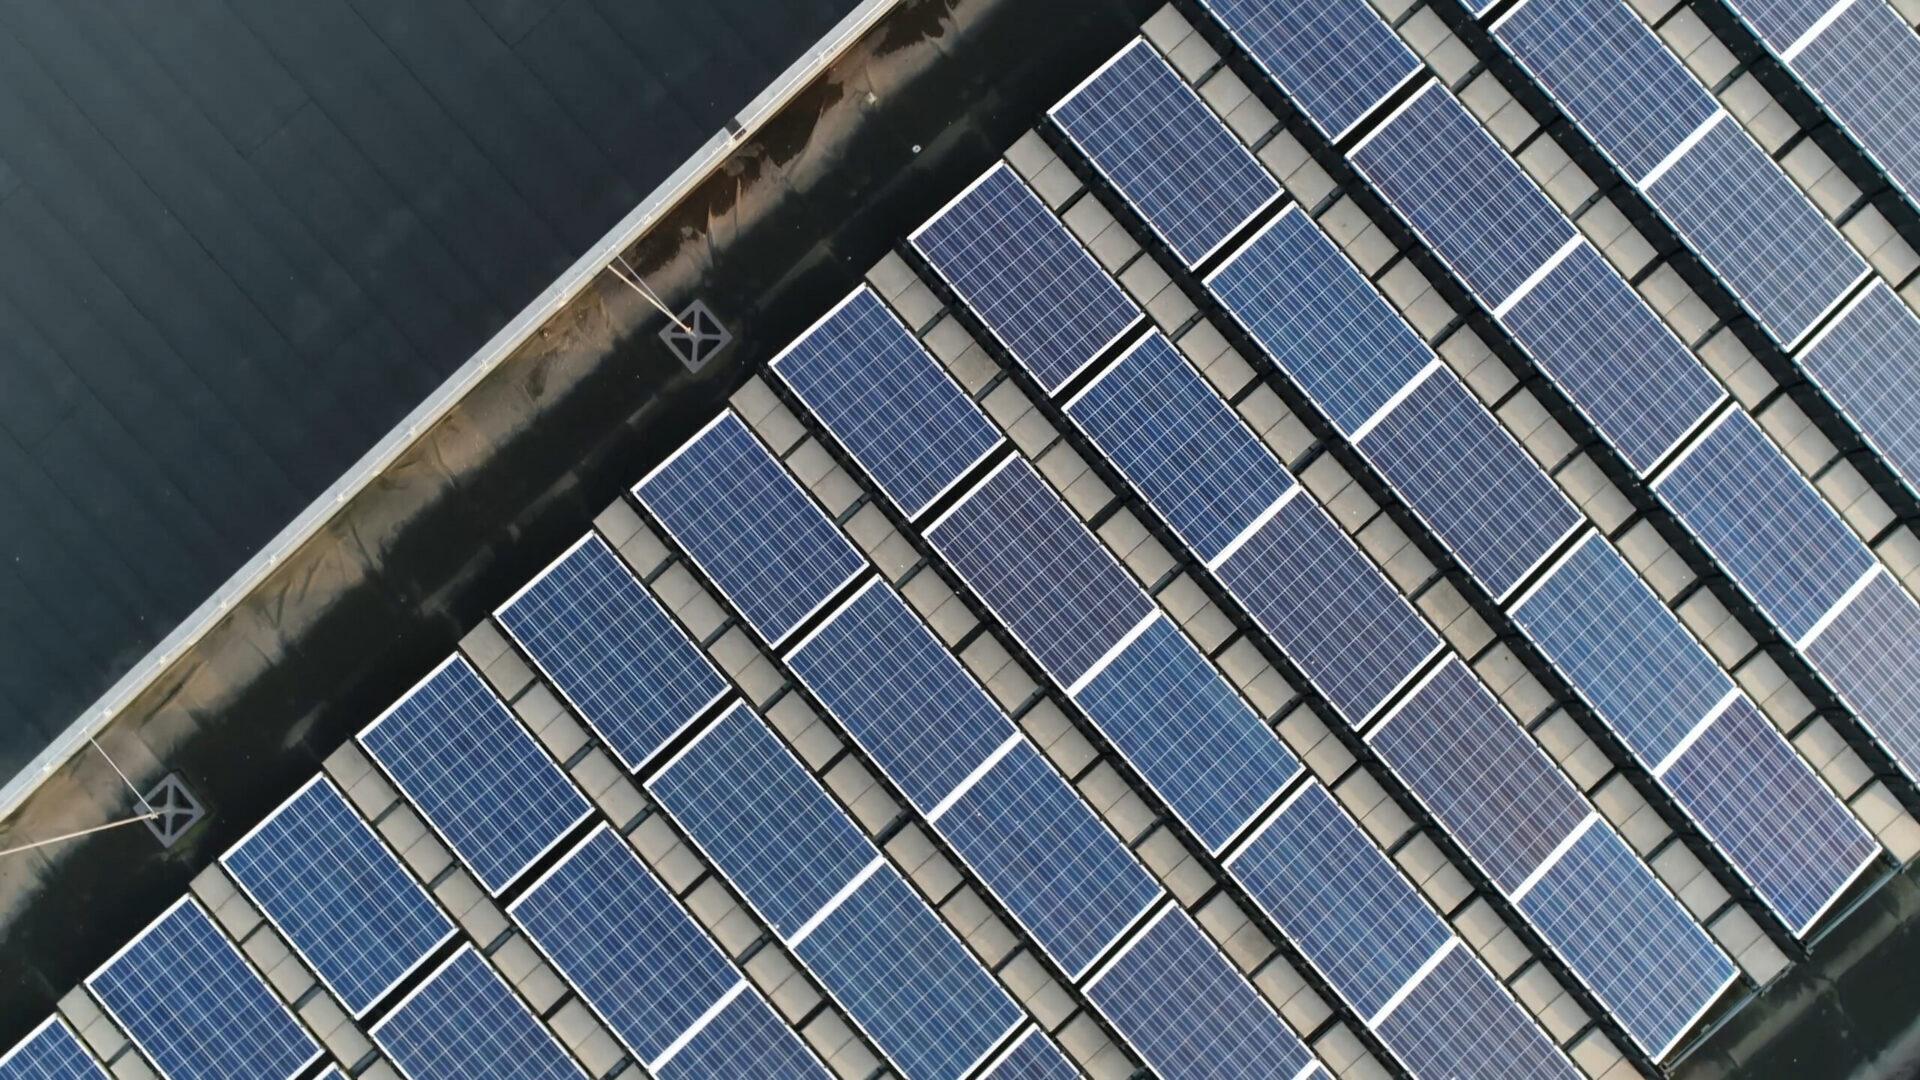 fotovoltaico-aziendale-tetto